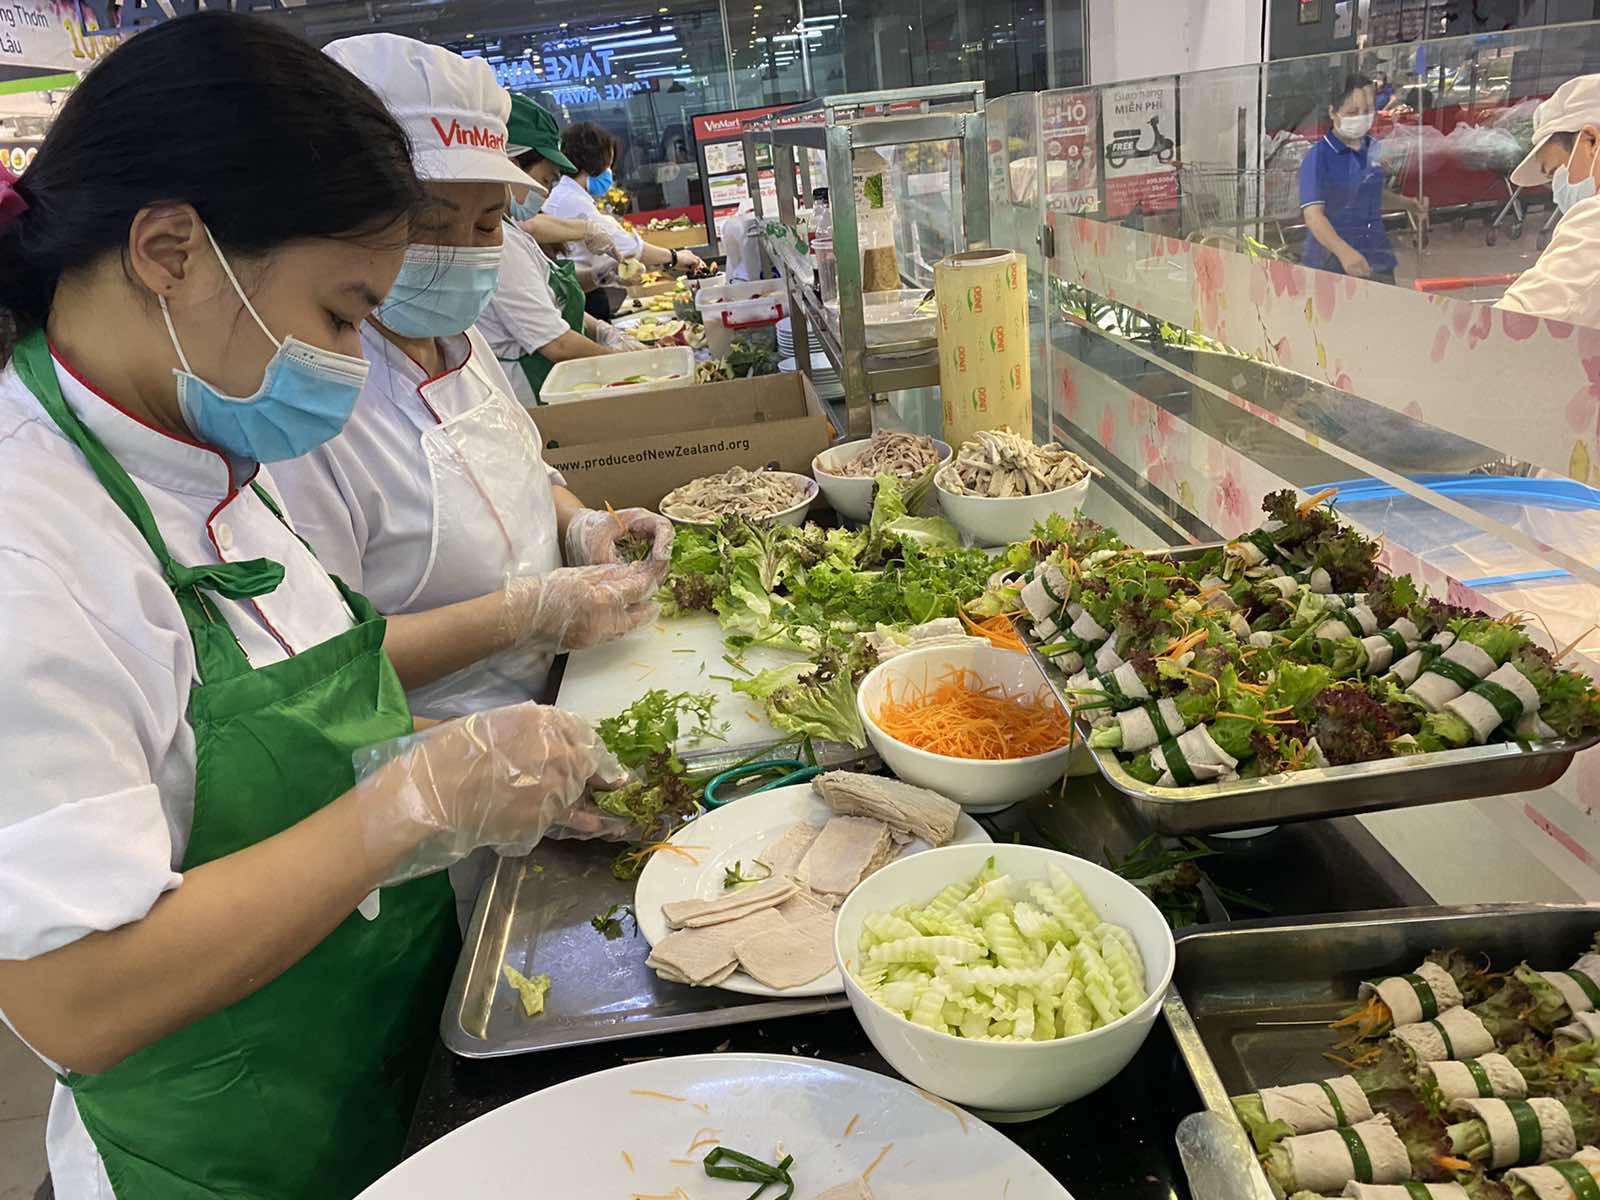 Thịt nạc giàu dinh dưỡng, mang lại nhiều lợi ích cho sức khỏe - Ảnh 3.